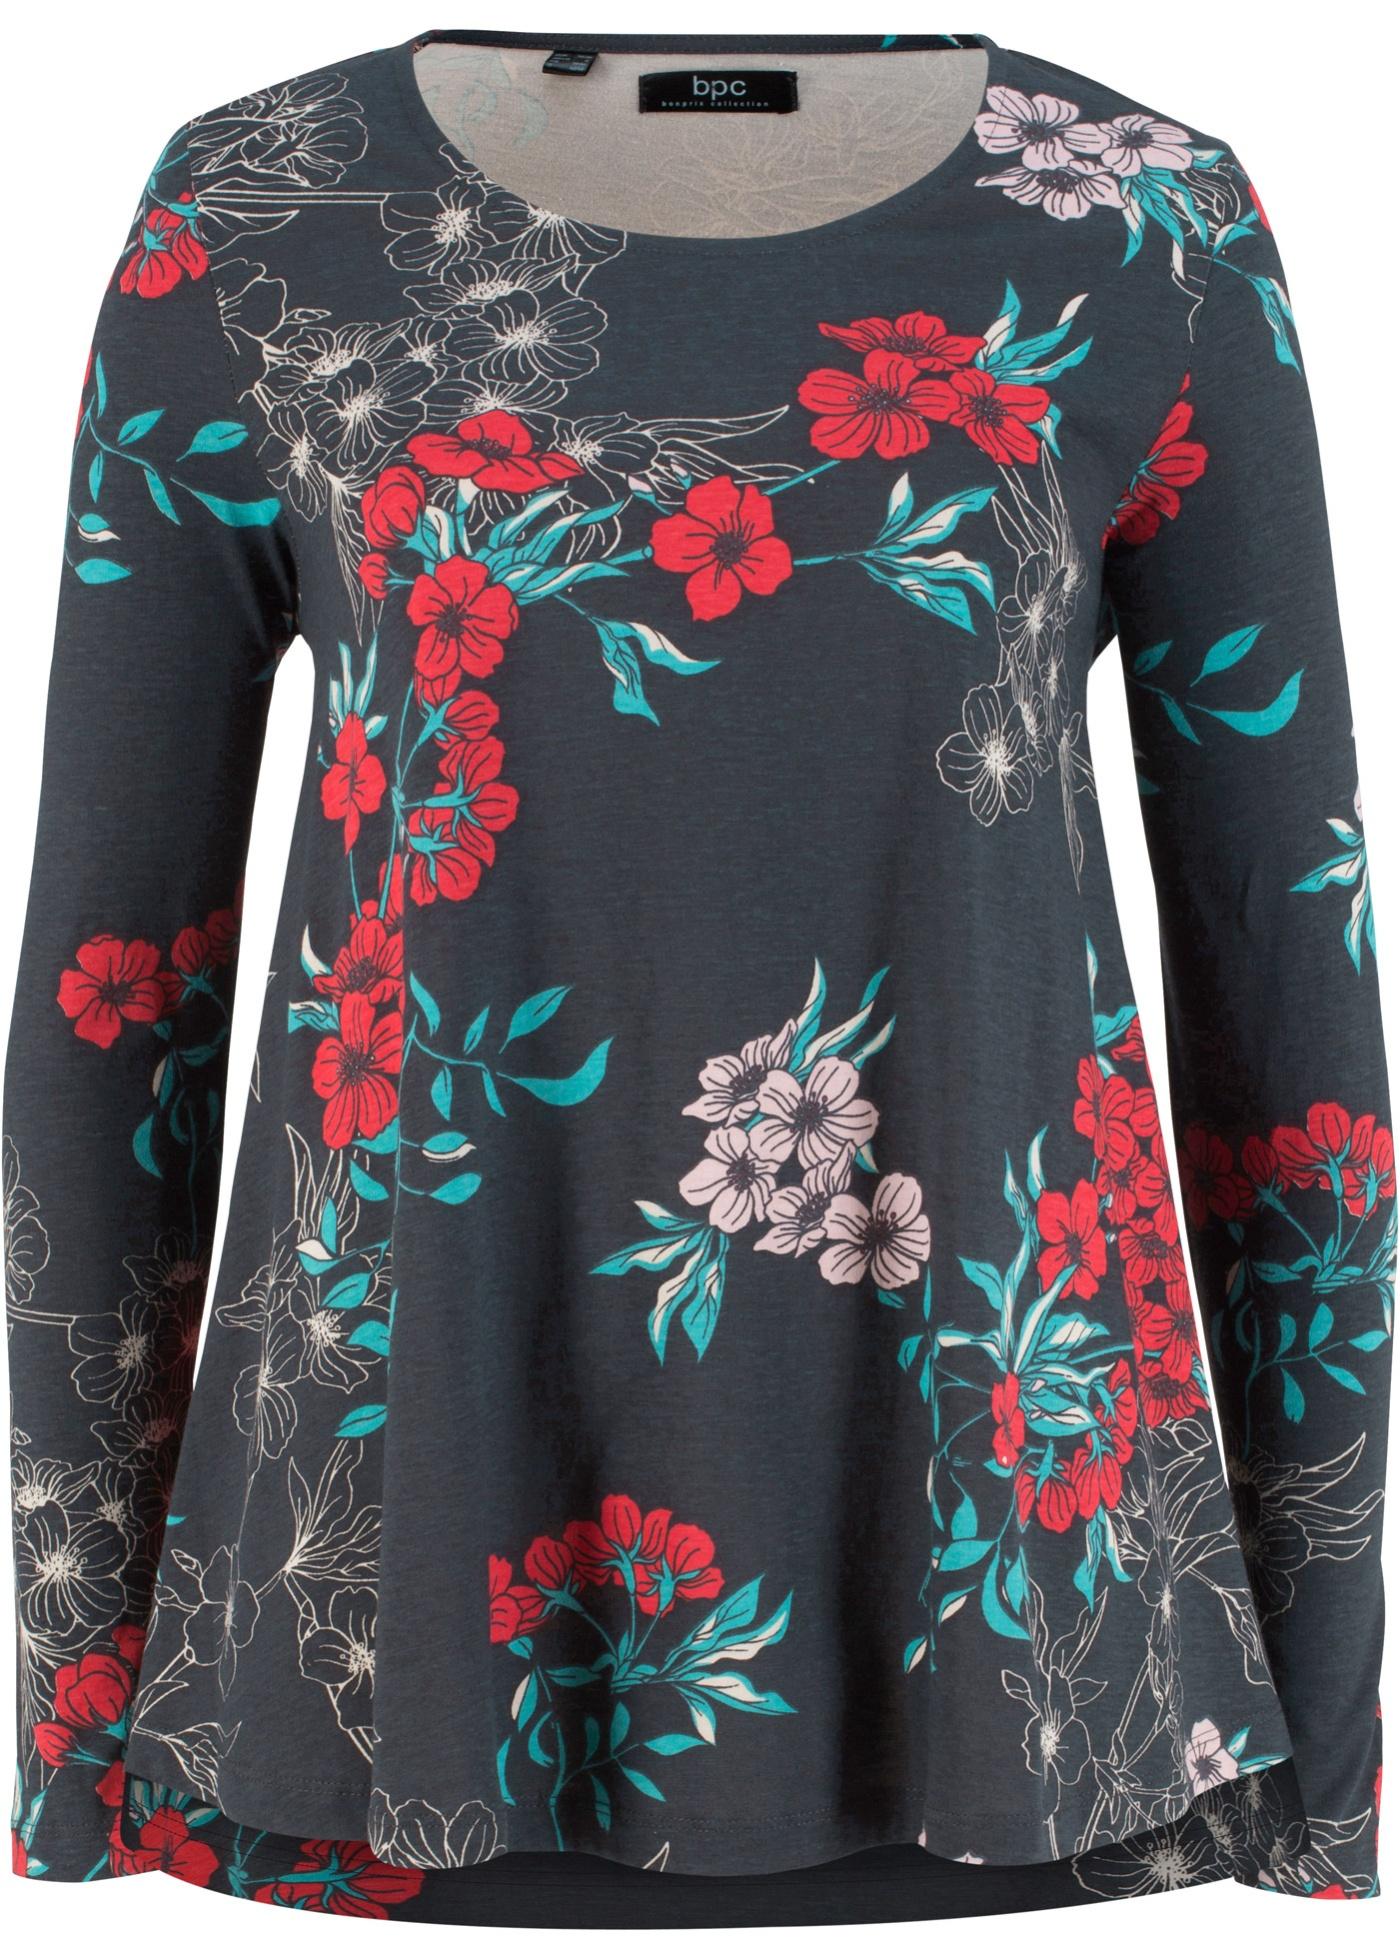 Tunique Bleu Femme Bonprix shirt Bpc CollectionT Pour Longues CotonManches dWCxBero